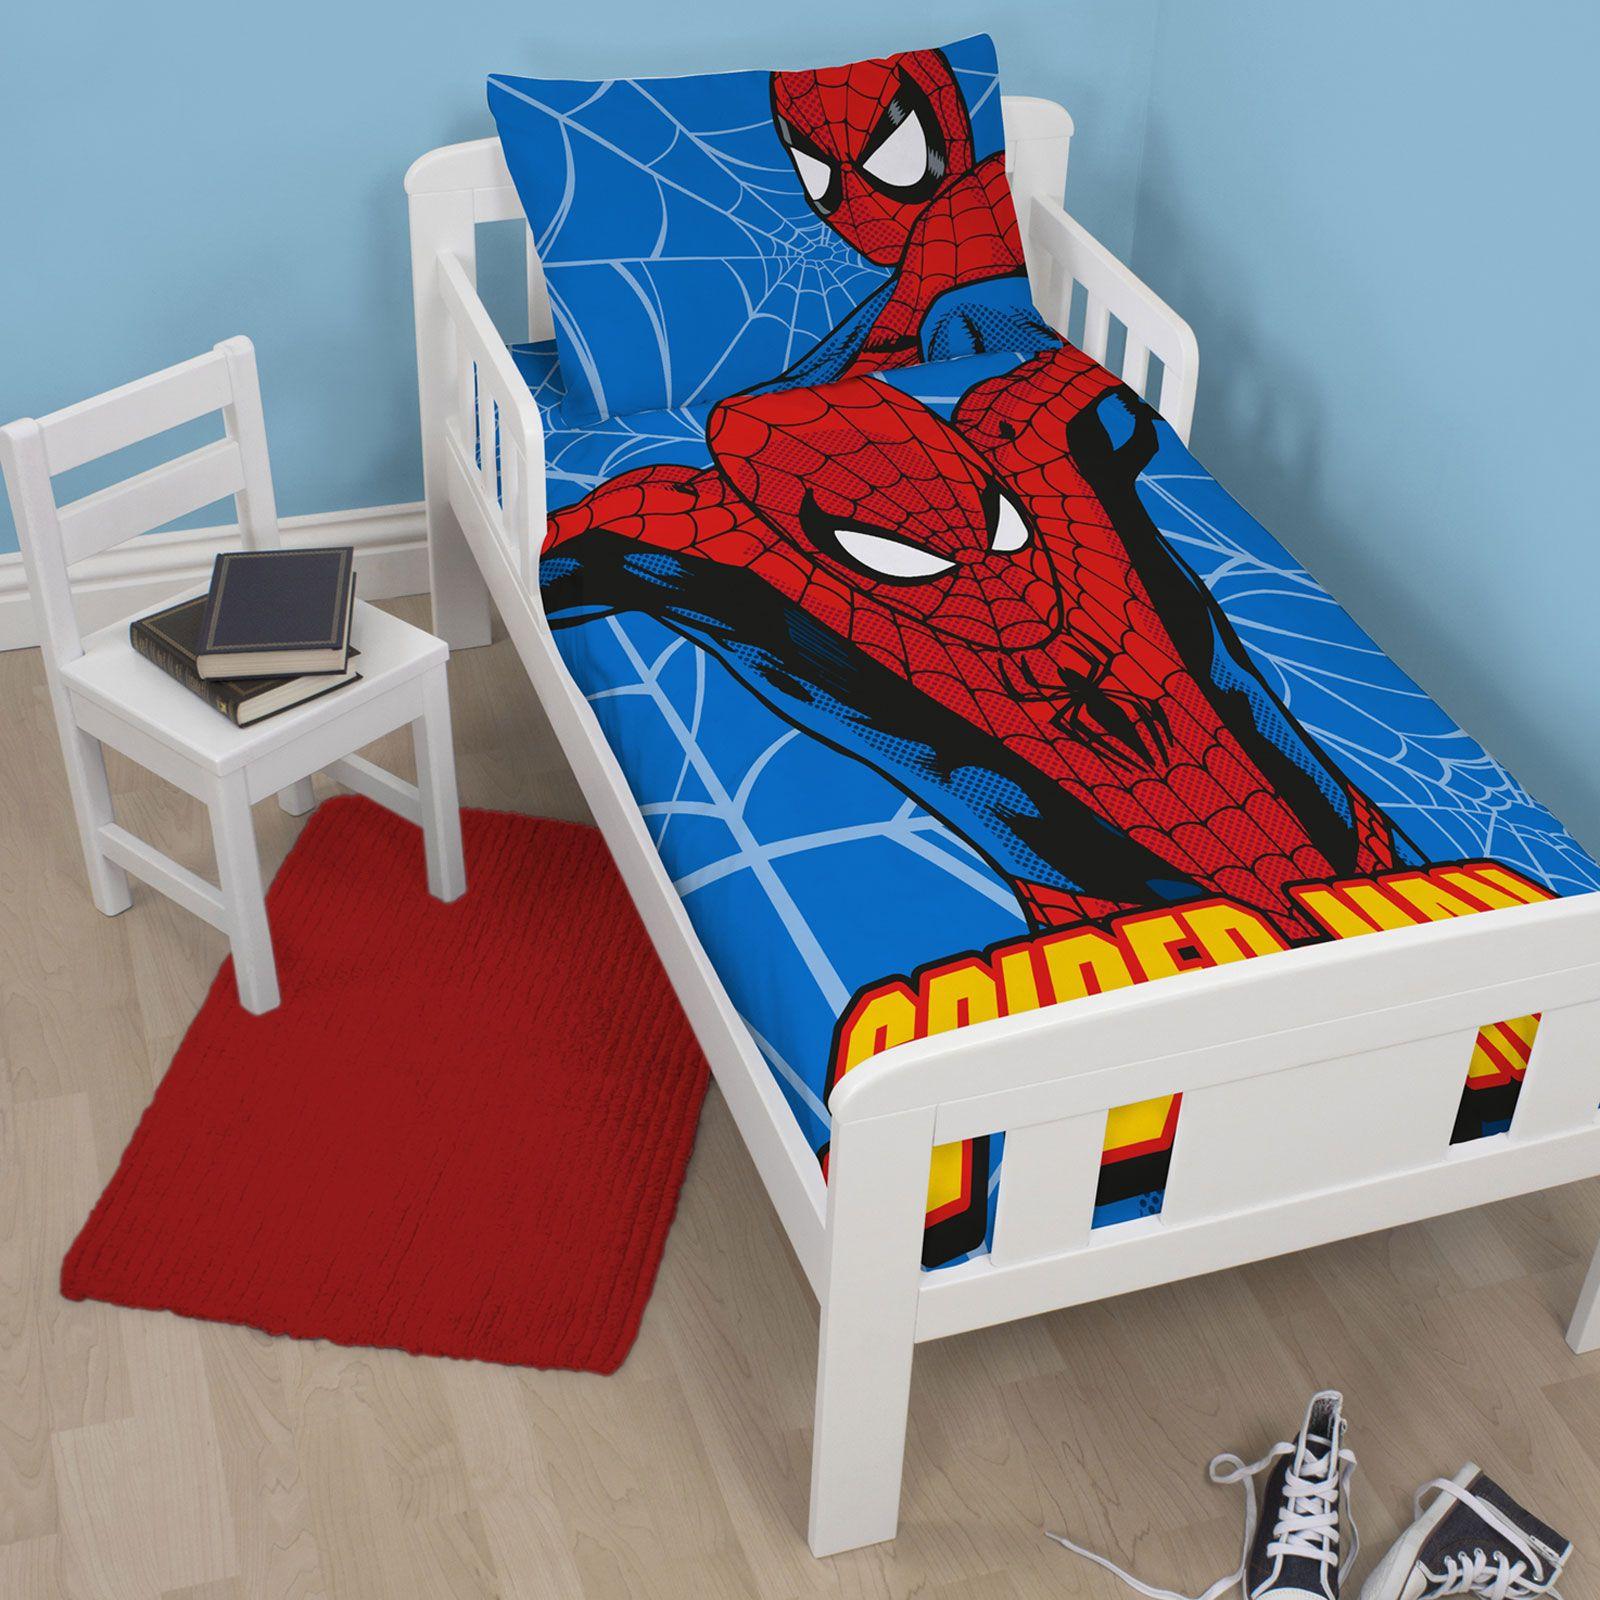 Marvel spiderman copripiumino set bambini ragazzi biancheria da letto ebay - Biancheria da letto bambini ...